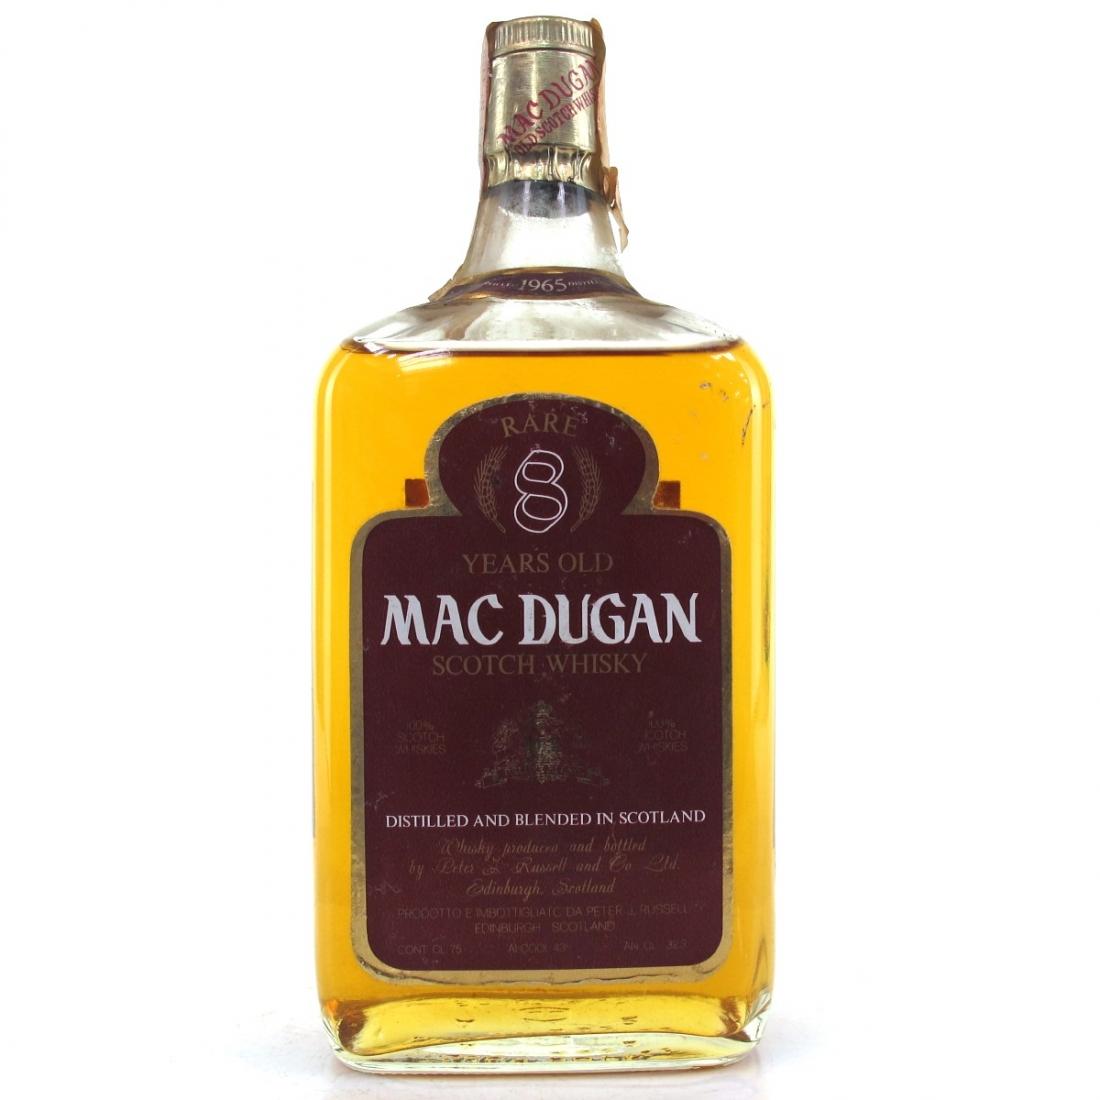 Mac Dugan 1965 8 Year Old